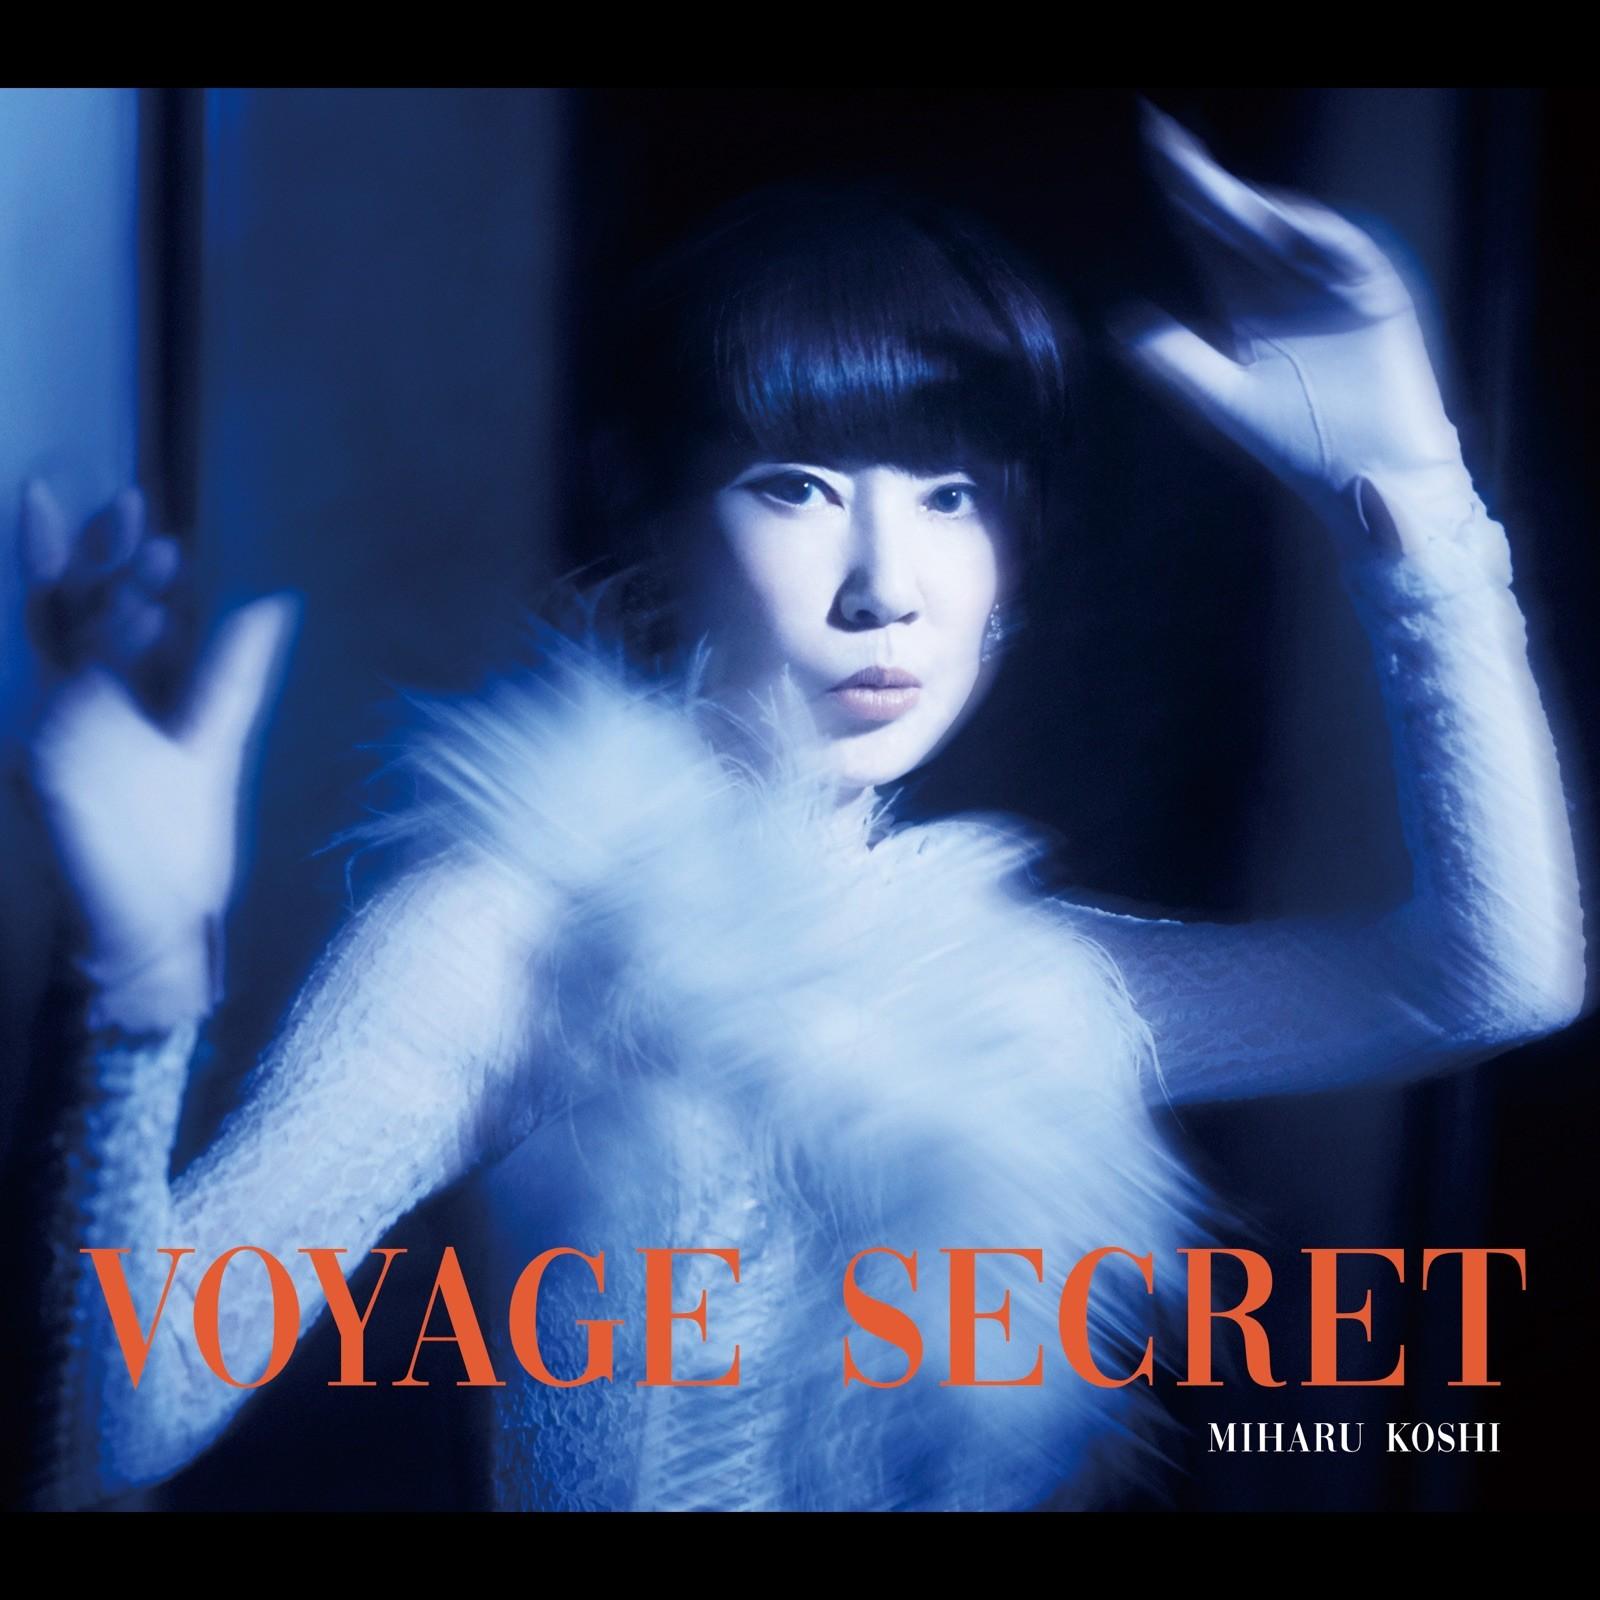 越美晴/コシミハル  (Miharu Koshi) – 秘密の旅 VOYAGE SECRET [FLAC / WEB] [2021.09.15]